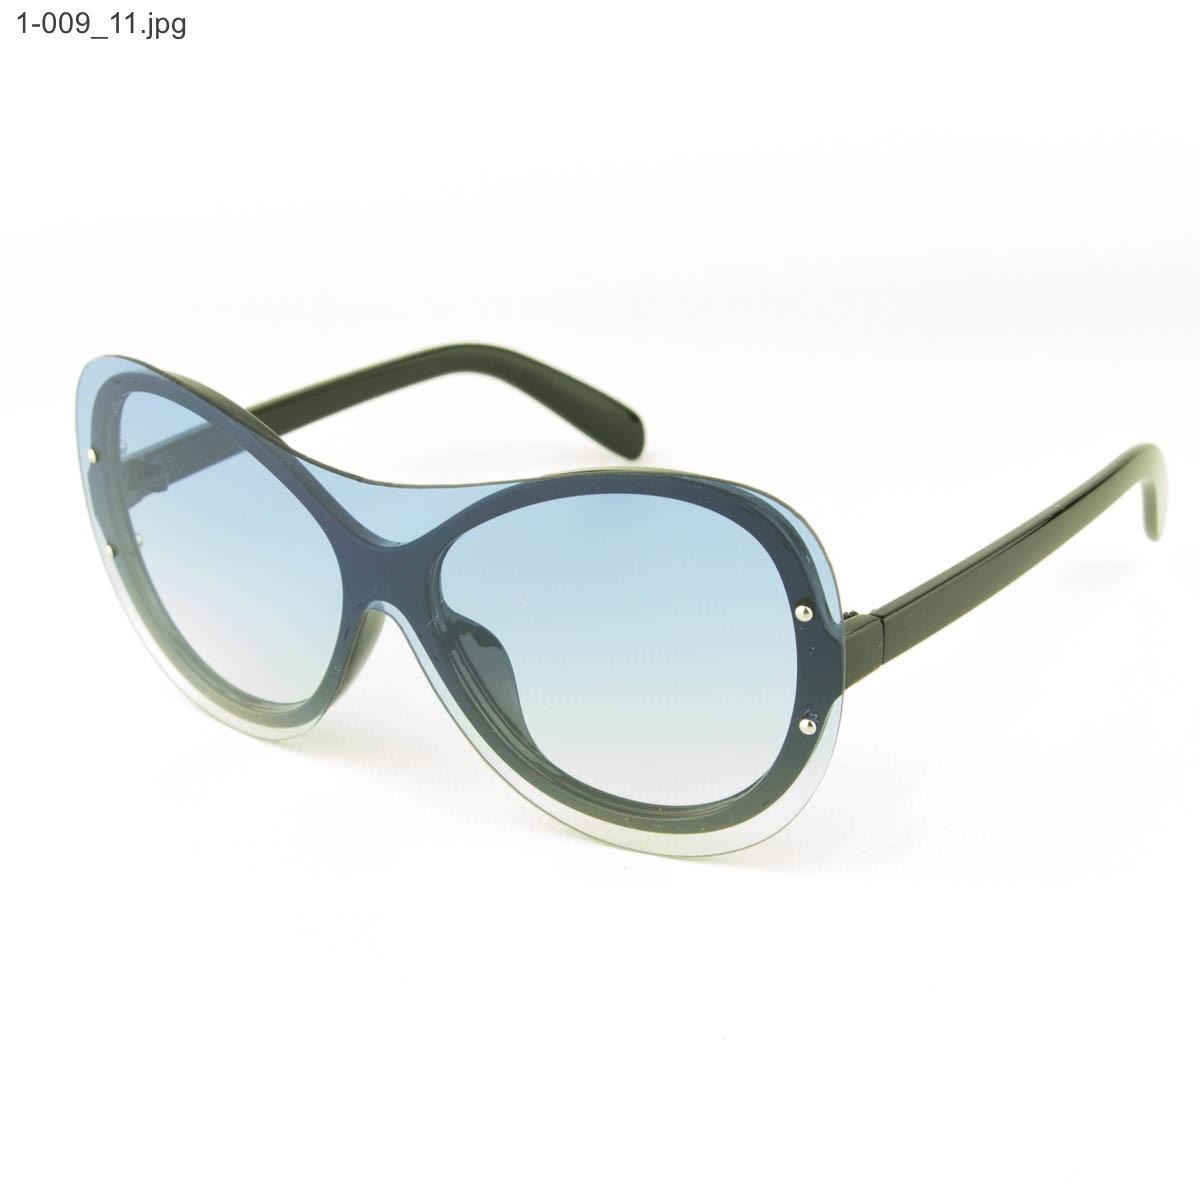 Оптом качественные стильные солнцезащитные очки - Чёрные с голубой линзой - 1-009